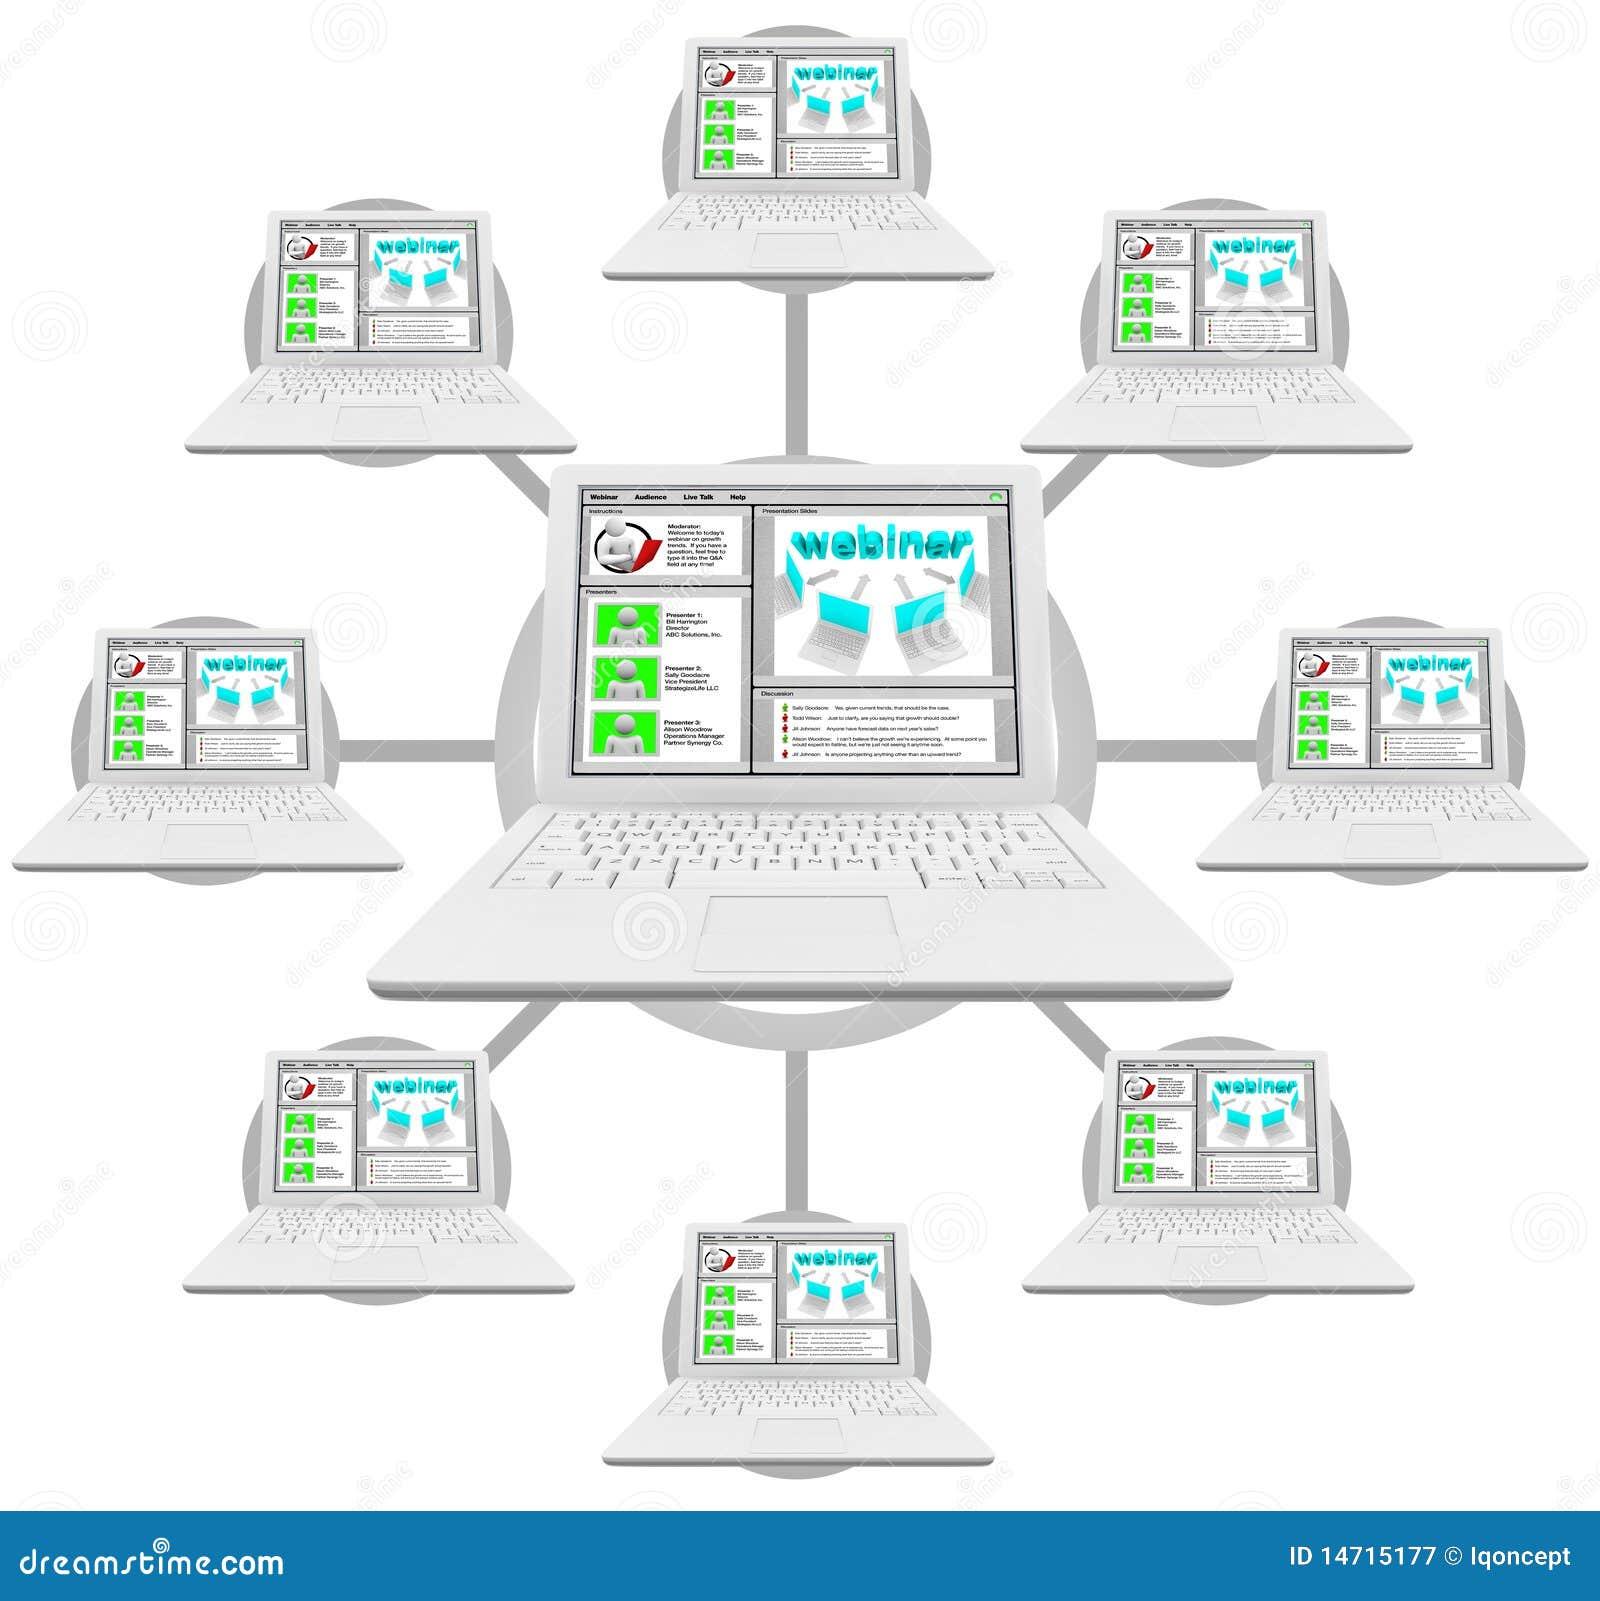 компьютеры соединили сеть webinar